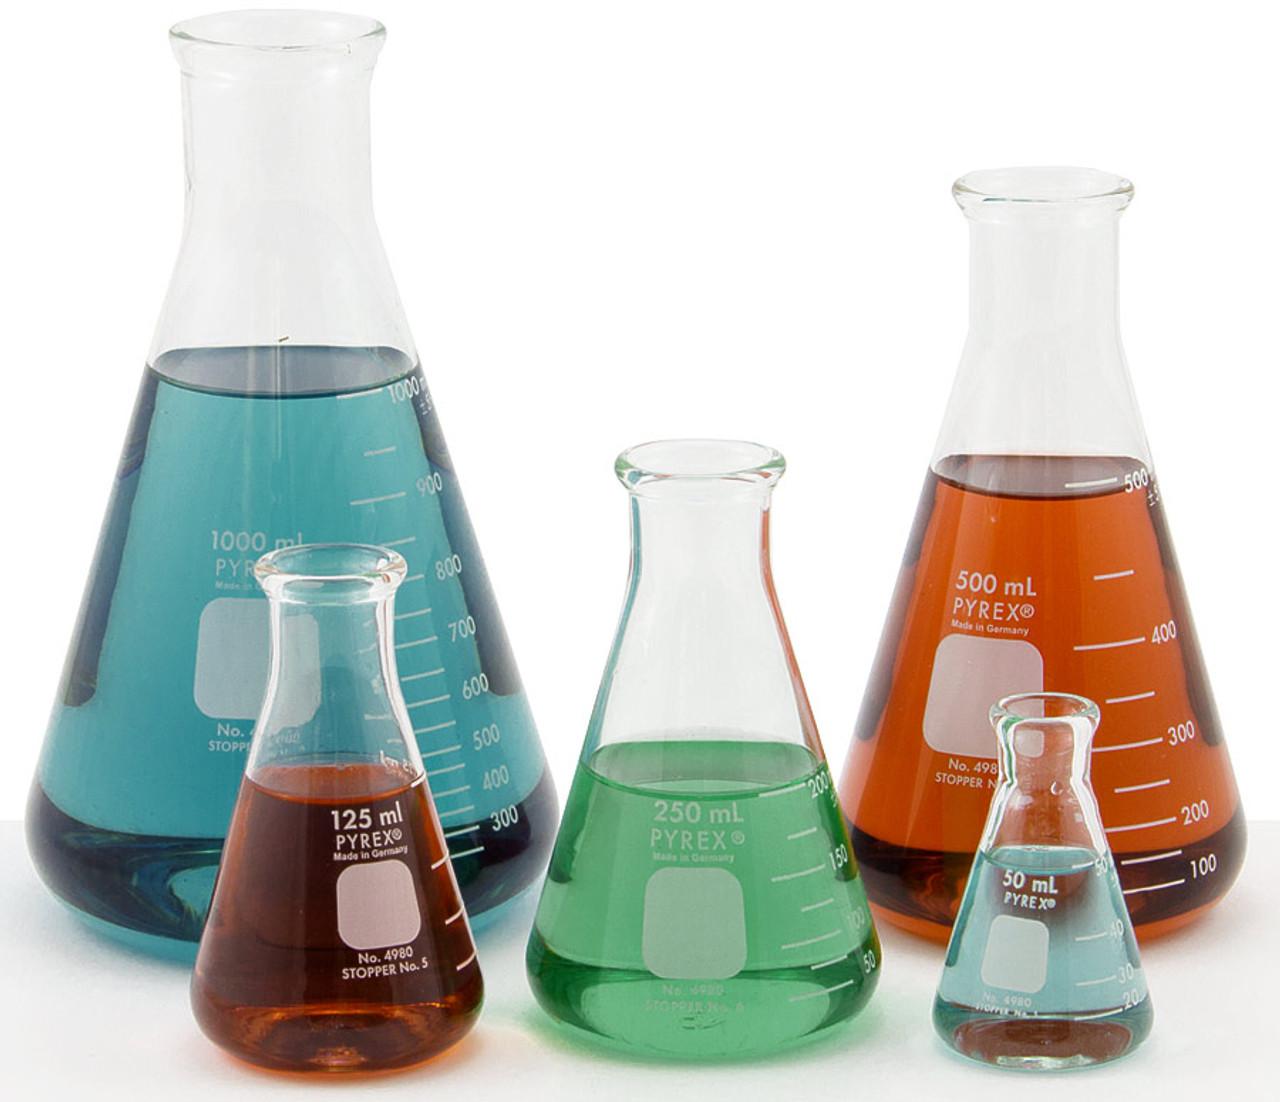 pyrex reg erlenmeyer flasks set of 5 assortment pack